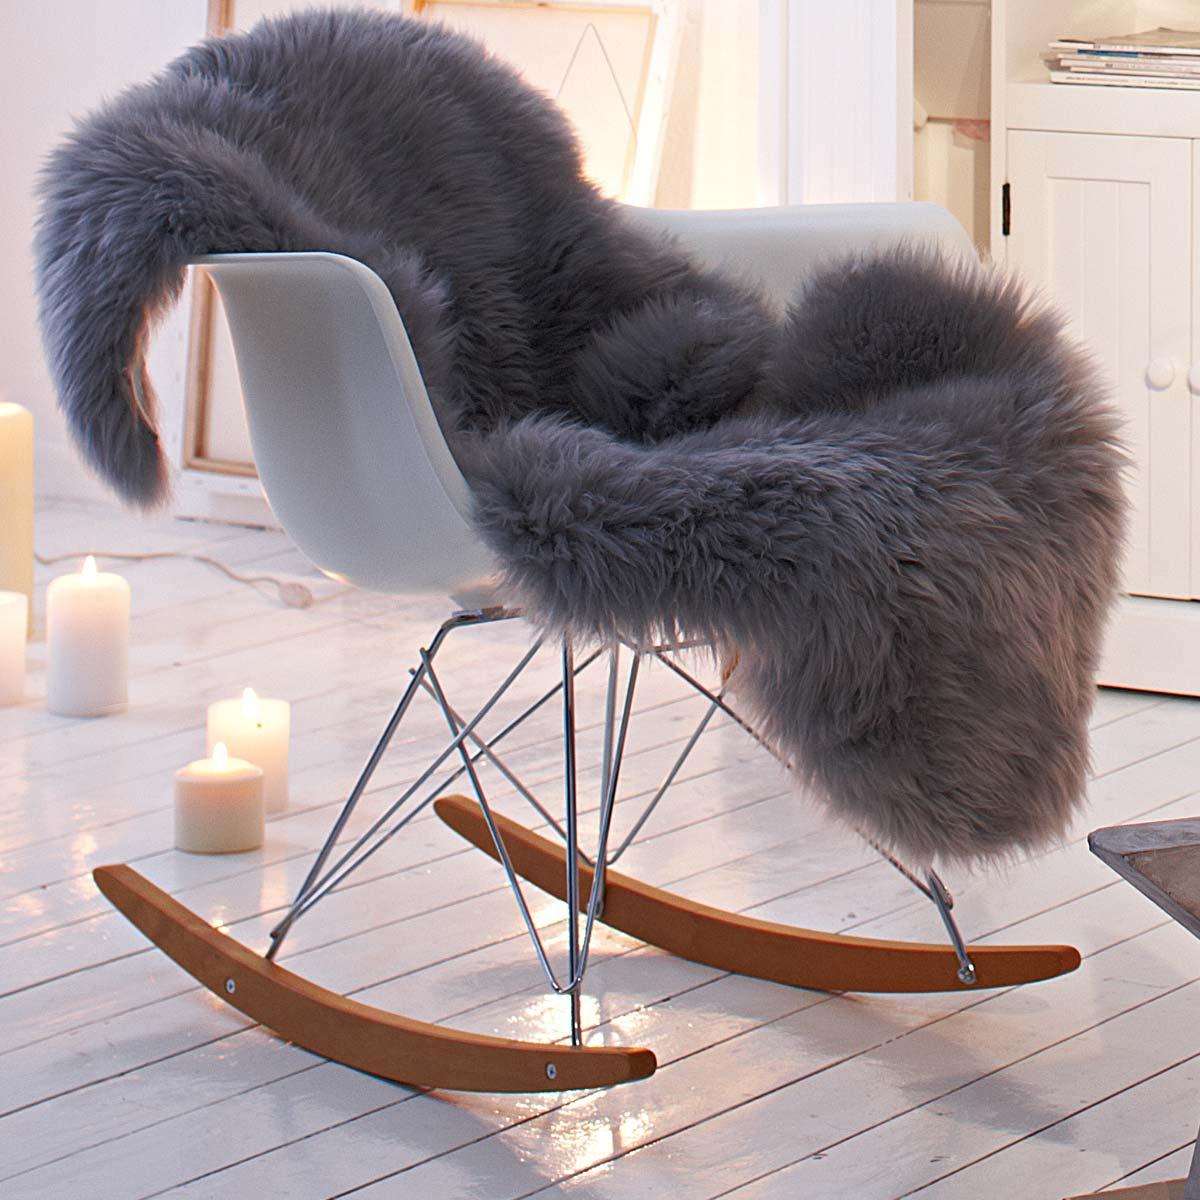 eines tages schaukelstuhl mamazine. Black Bedroom Furniture Sets. Home Design Ideas